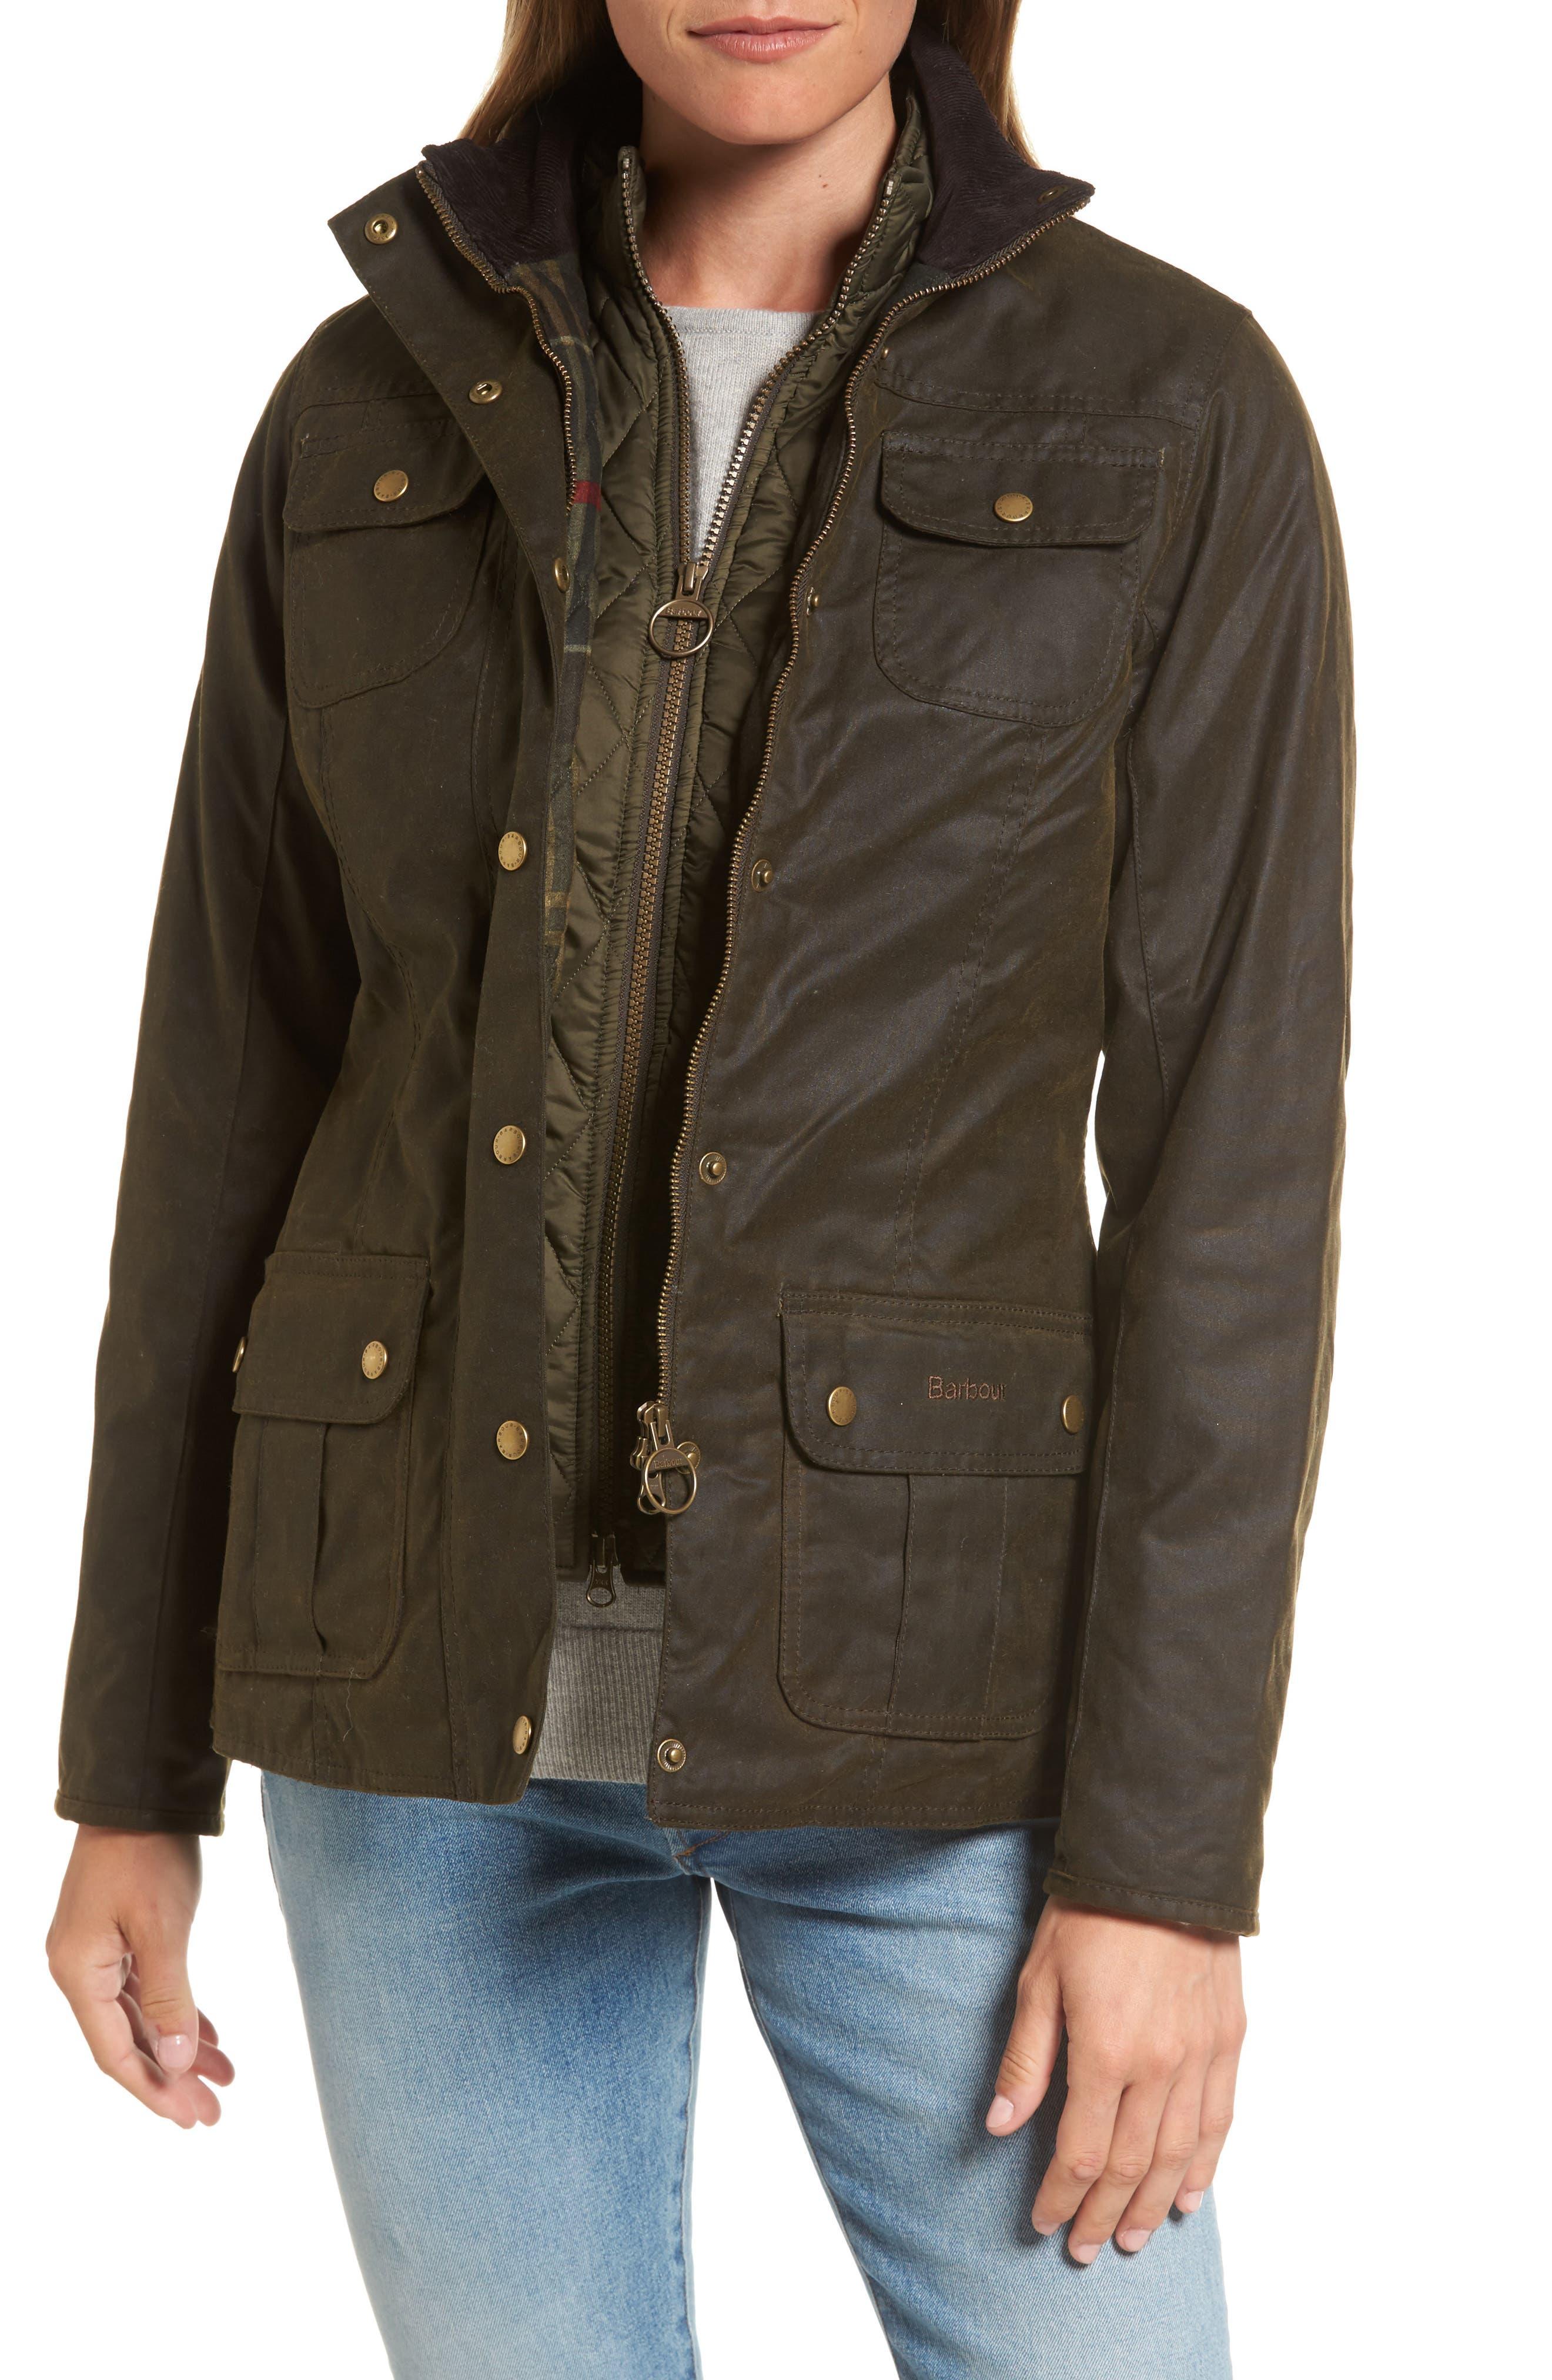 Barbour women's jacket